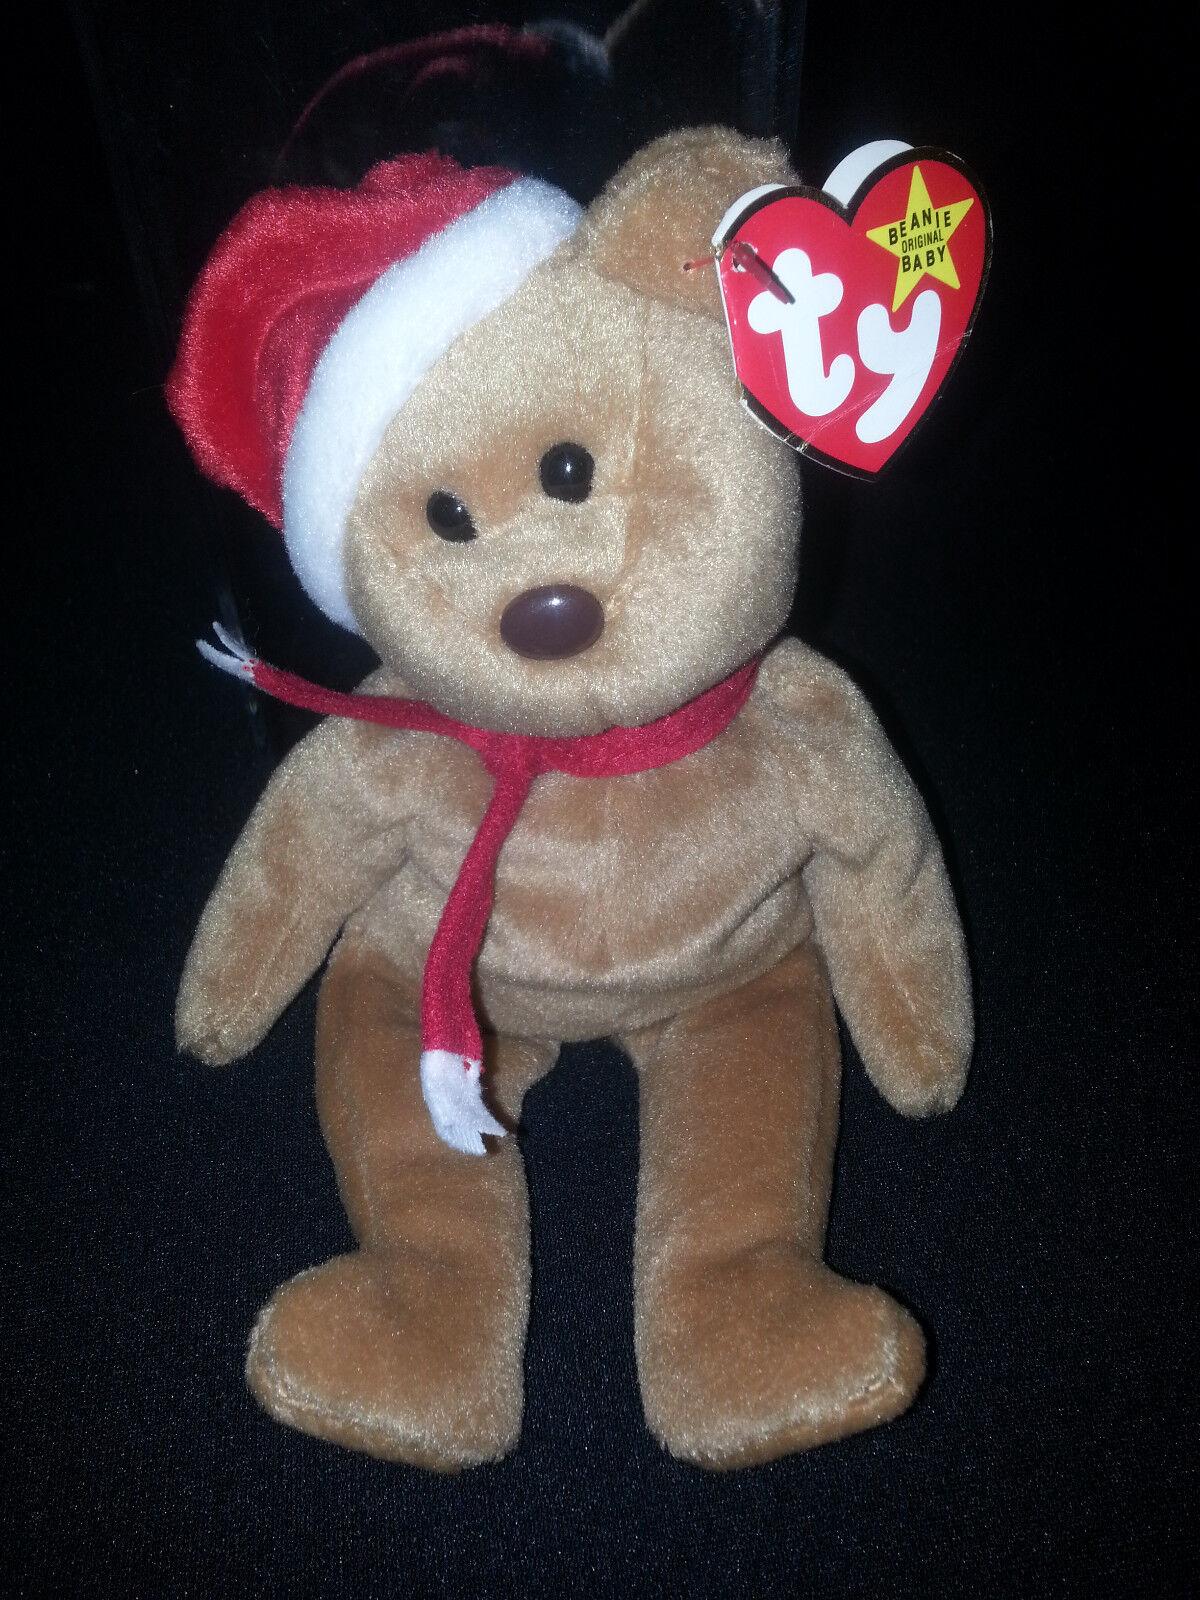 Super - seltenen ty beanie baby 1997 urlaub teddy 4200 tag 8 fehler, fehler im ruhestand